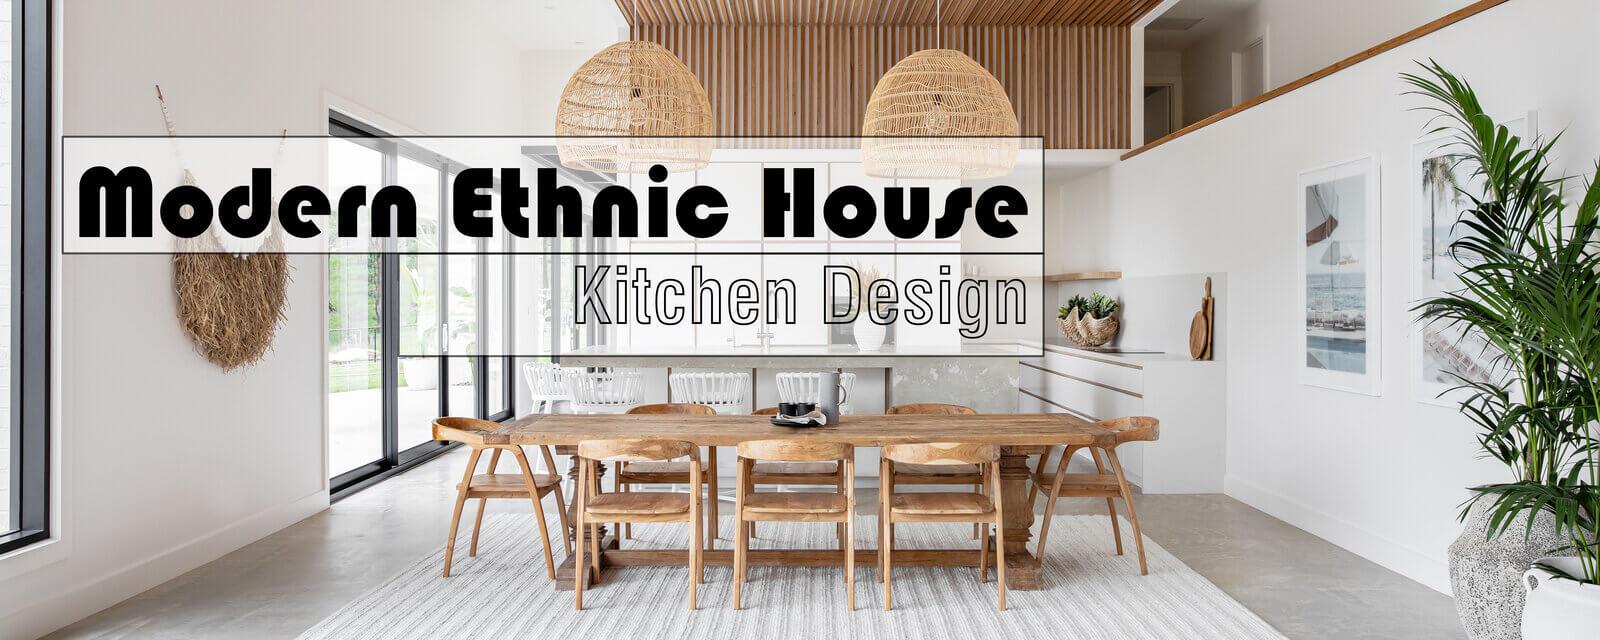 Modern Ethnic House | Kitchen Design